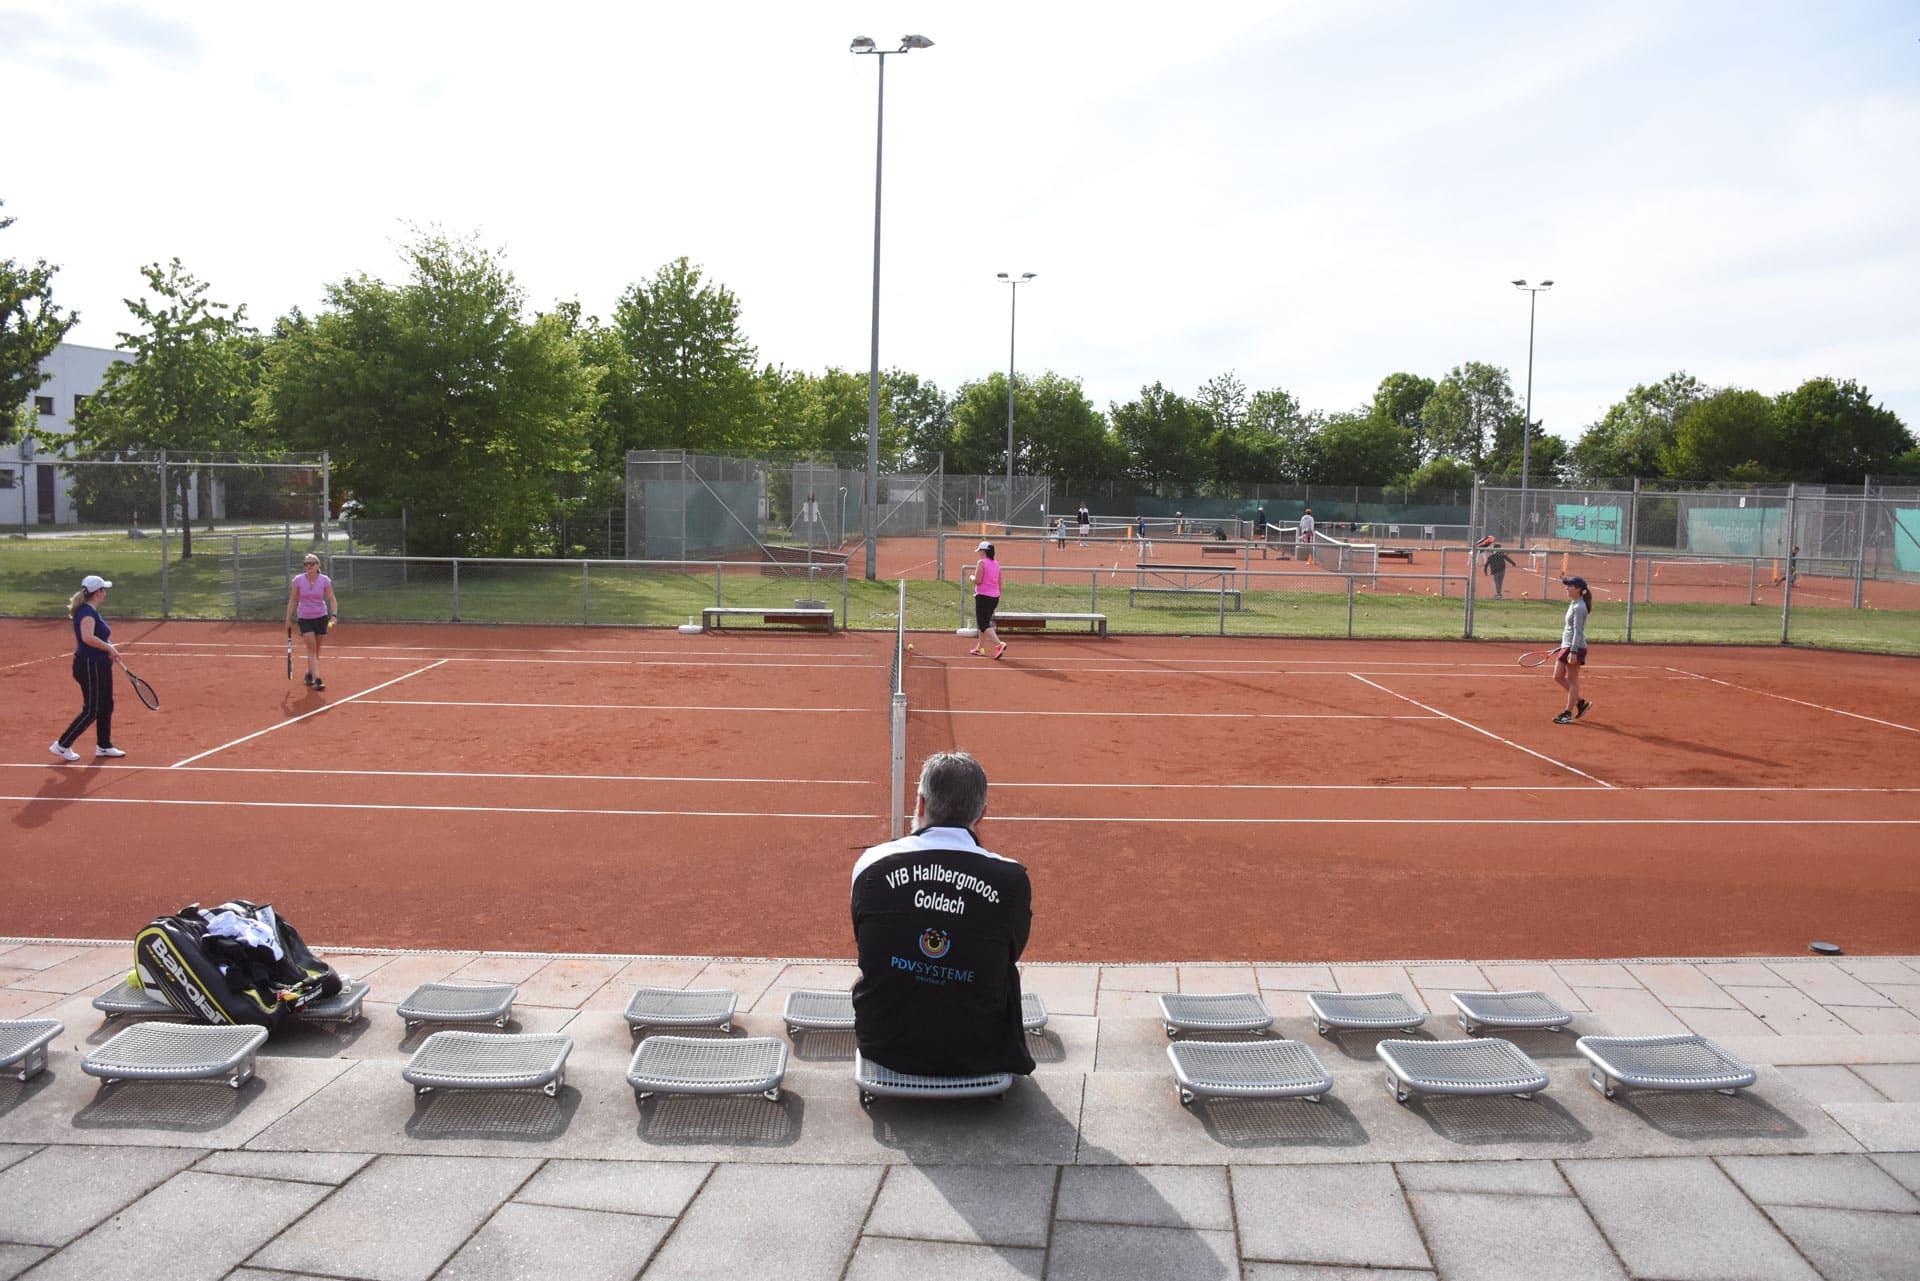 Vier Sportler, eine Coach: Die Öffnung der Tennisplätze im Sport- und Freizeitpark am 11. Mai nutzten die VfB-Damen gleich für eine Trainingseinheit. Sie waren glücklich endlich wieder auf dem Platz stehen zu können.